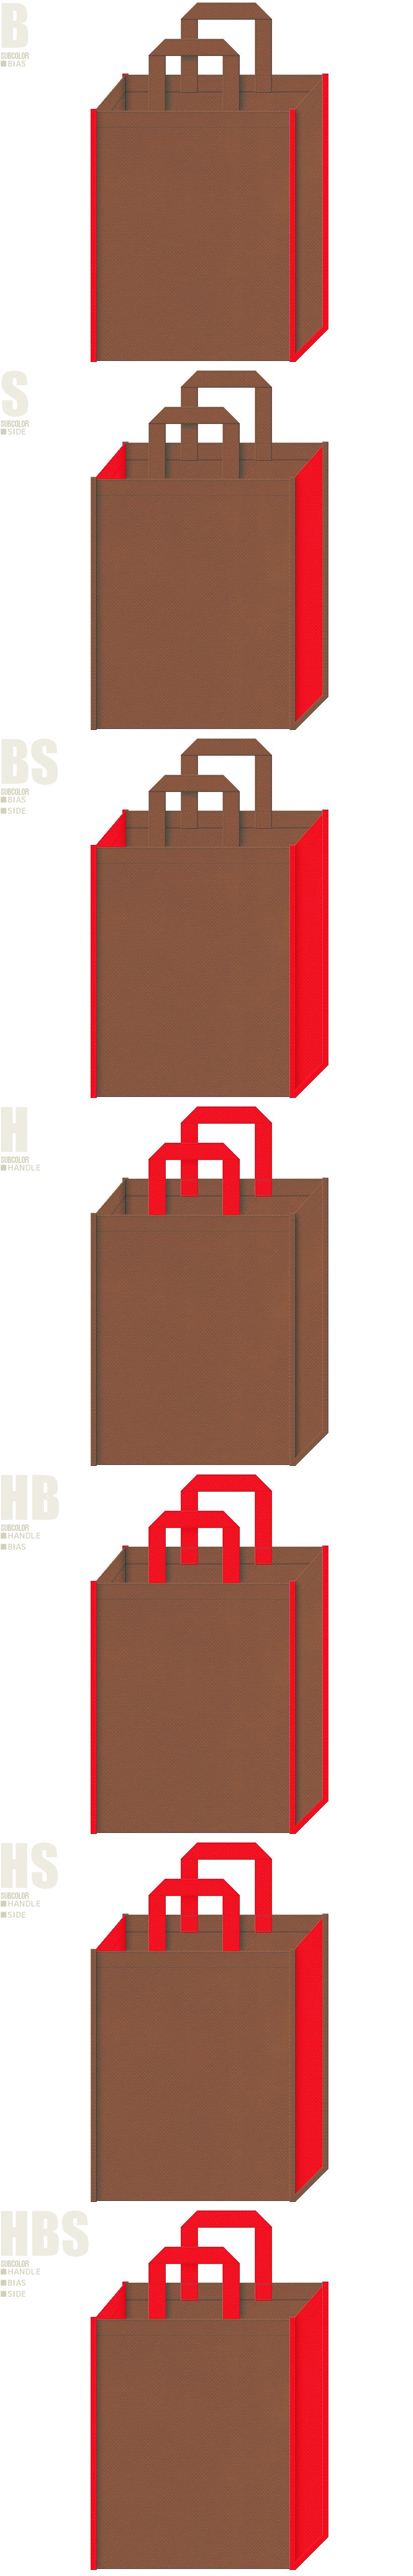 クリスマス・トナカイ・絵本・おとぎ話・暖炉・ストーブ・暖房器具の展示会・販促イベントにお奨めの不織布バッグデザイン:茶色と赤色の配色7パターン